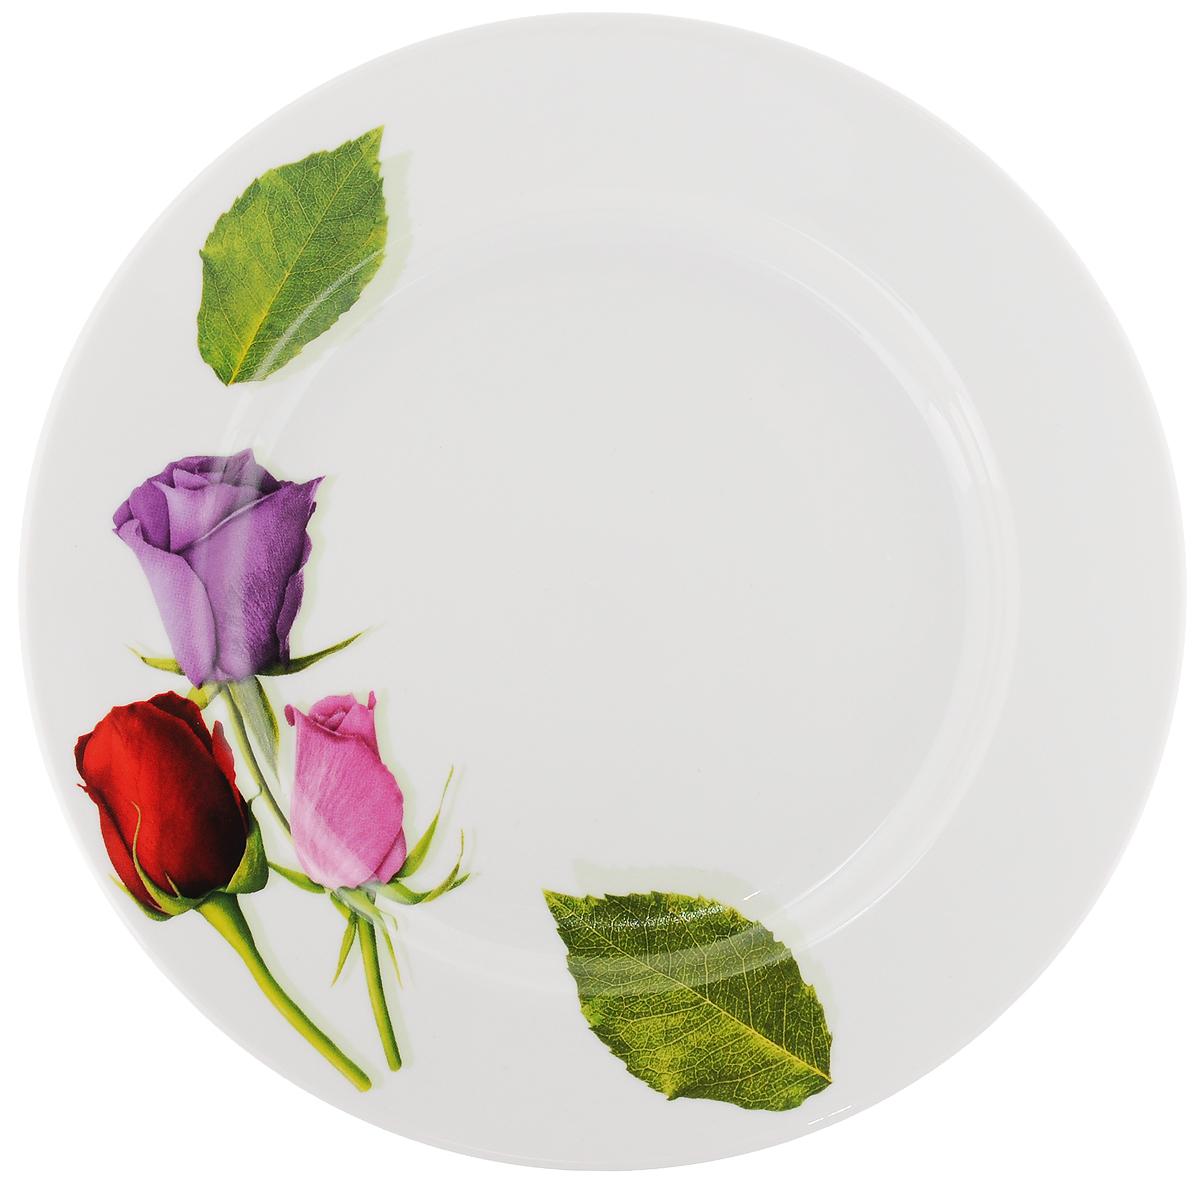 Тарелка Идиллия. Королева цветов, диаметр 24 см пиала добрушский фарфоровый завод королева цветов 500 мл